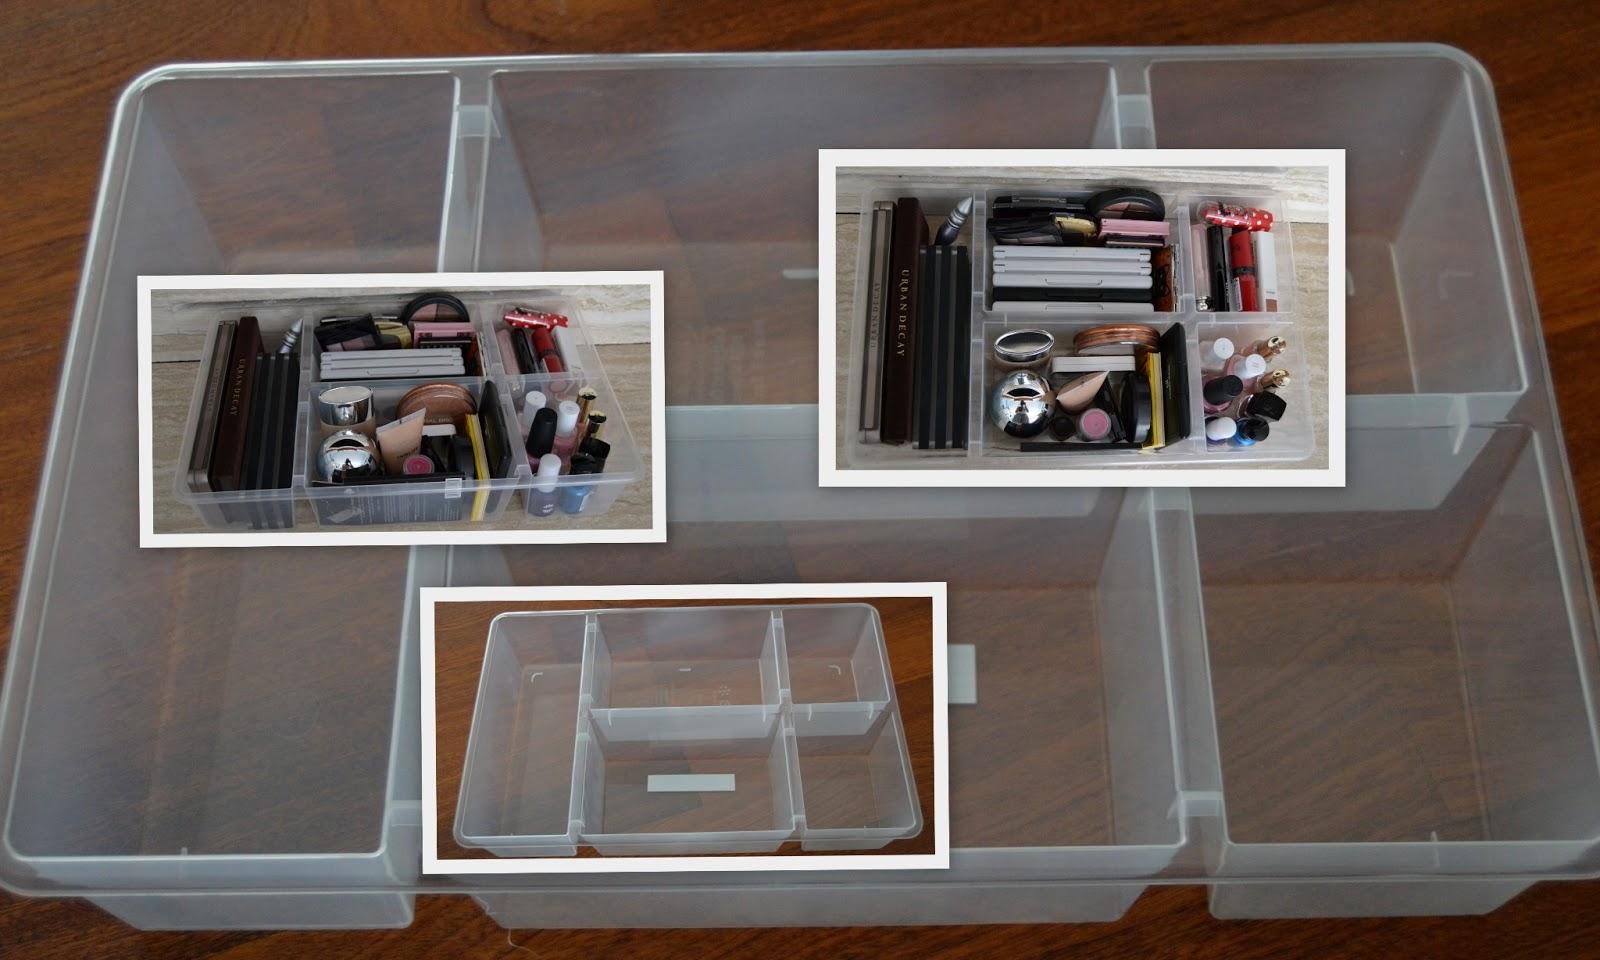 Pazar g n  makyaj  ekmecemde bir d zenleme yapay m dedim ve IKEA dan  ald   m bu kutuya makyaj malzemelerimi yerle tirmeye karar verdim. MakyajManya  Mart 2013